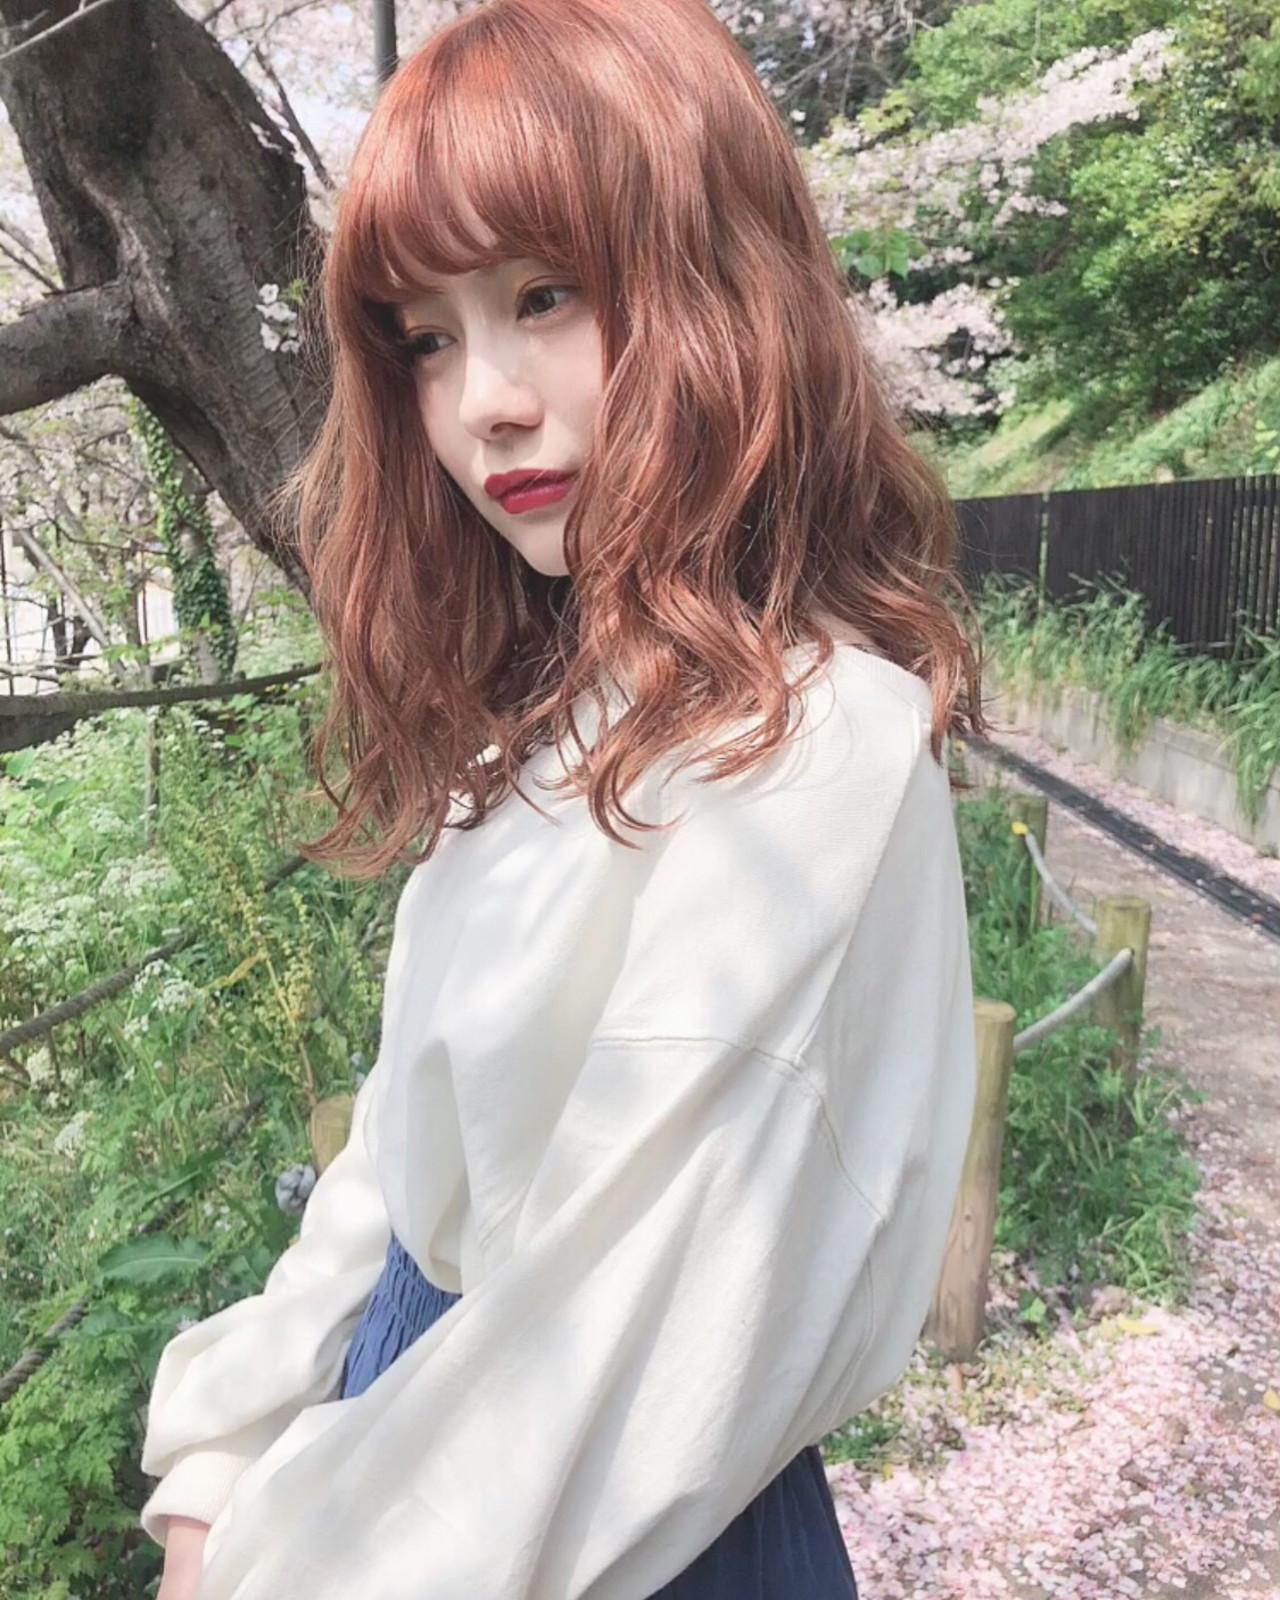 アプリコットオレンジ ロング ナチュラル オレンジベージュヘアスタイルや髪型の写真・画像